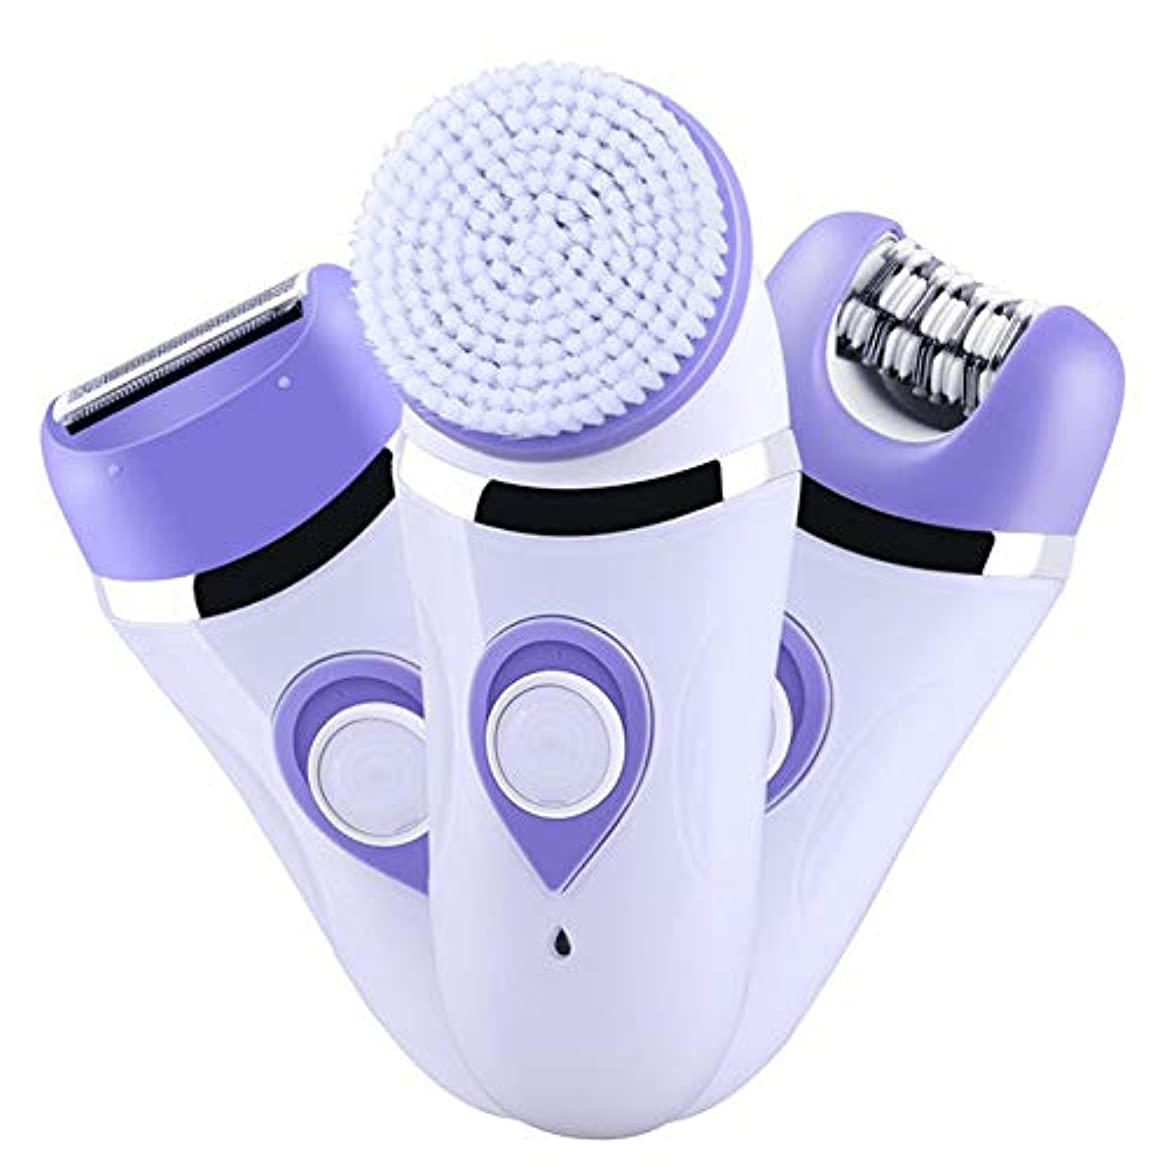 回転工業化する開始女性用多機能電動脱毛装置、痛みのない3-In-1ビキニトリマー、脱毛専用ツール